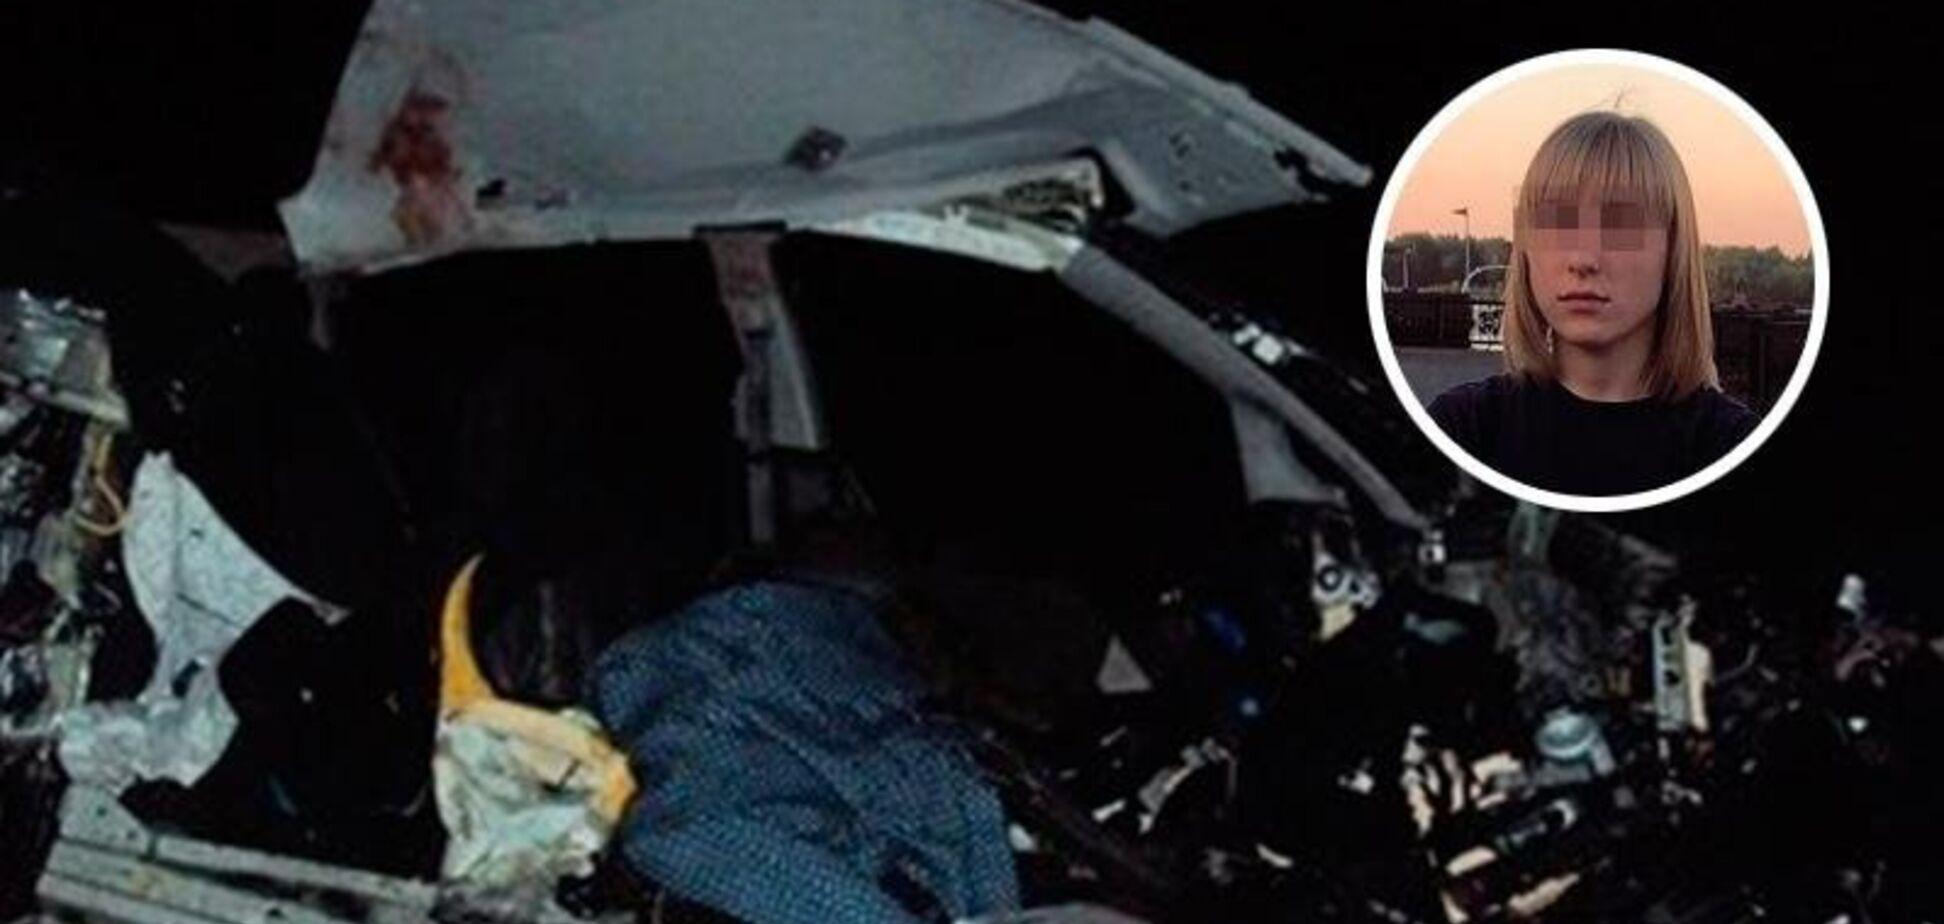 Російську футболістку розчавила на смерть фура - опубліковано фото